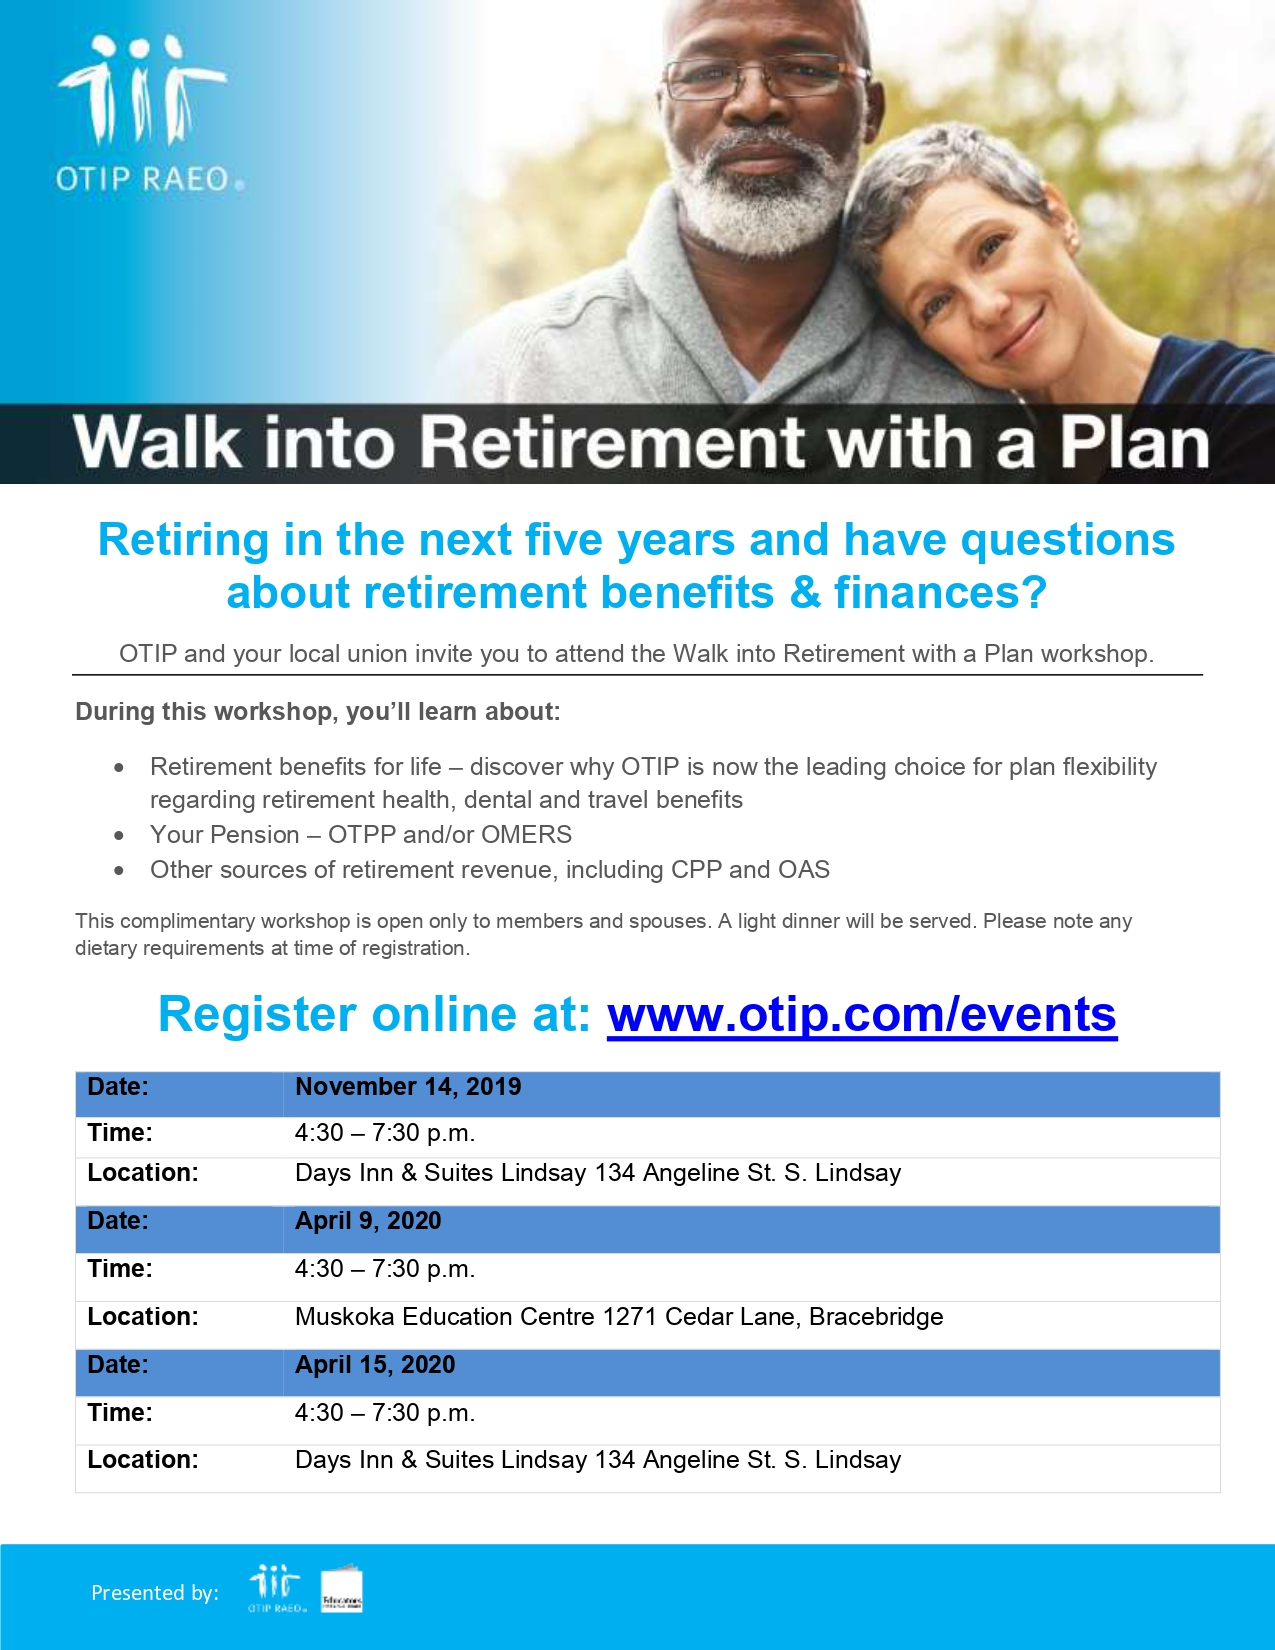 Retirement workshop - Bracebridge @ Muskoka Education Centre | Bracebridge | Ontario | Canada